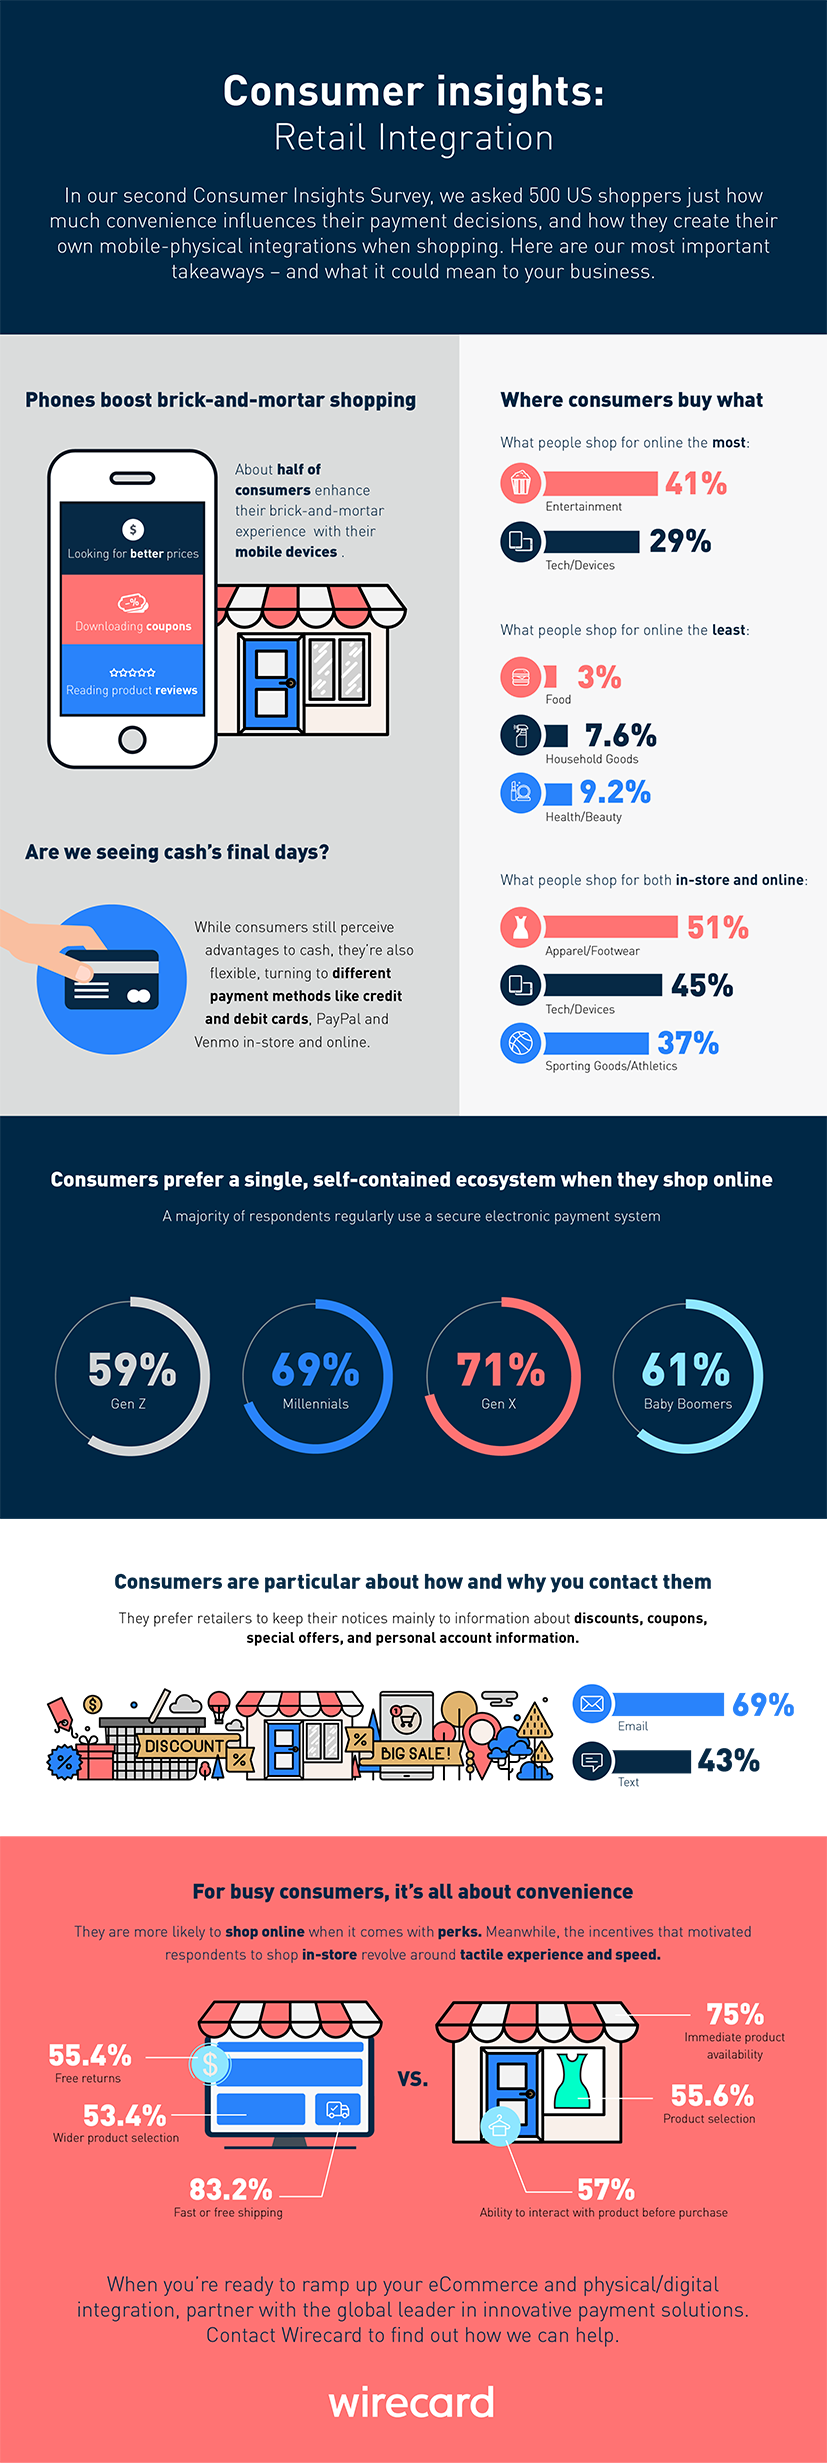 Consumer insights survey